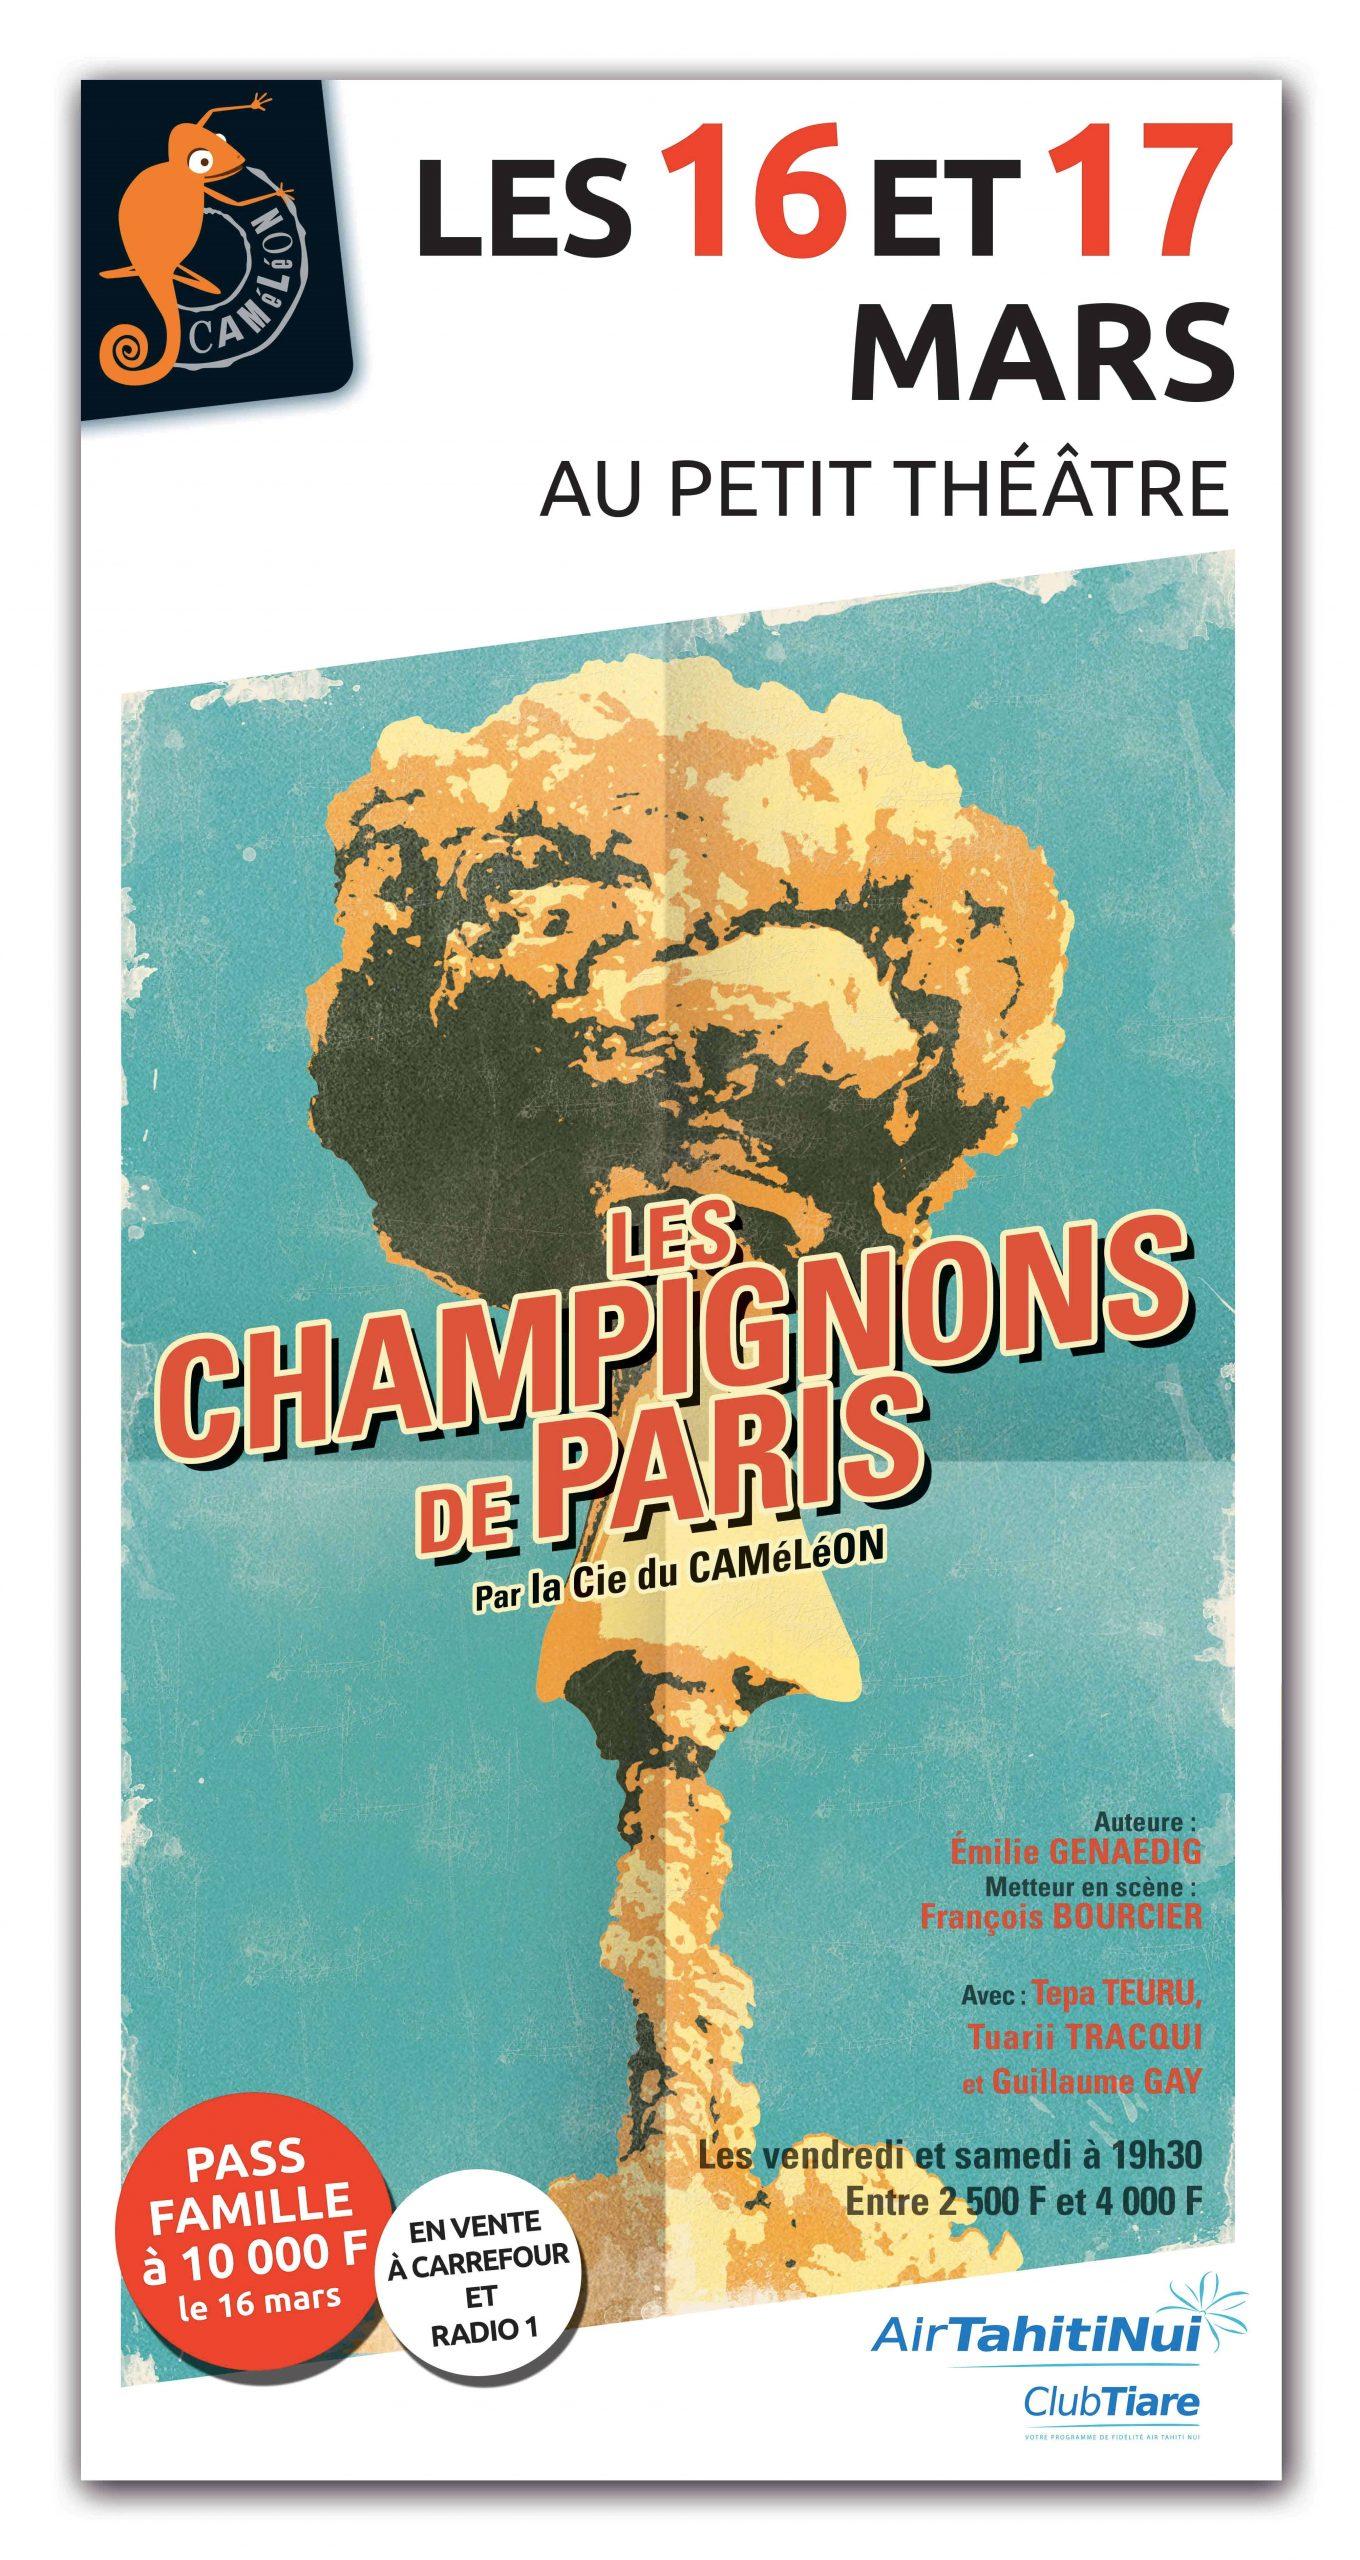 Théâtre – Champignons de Paris